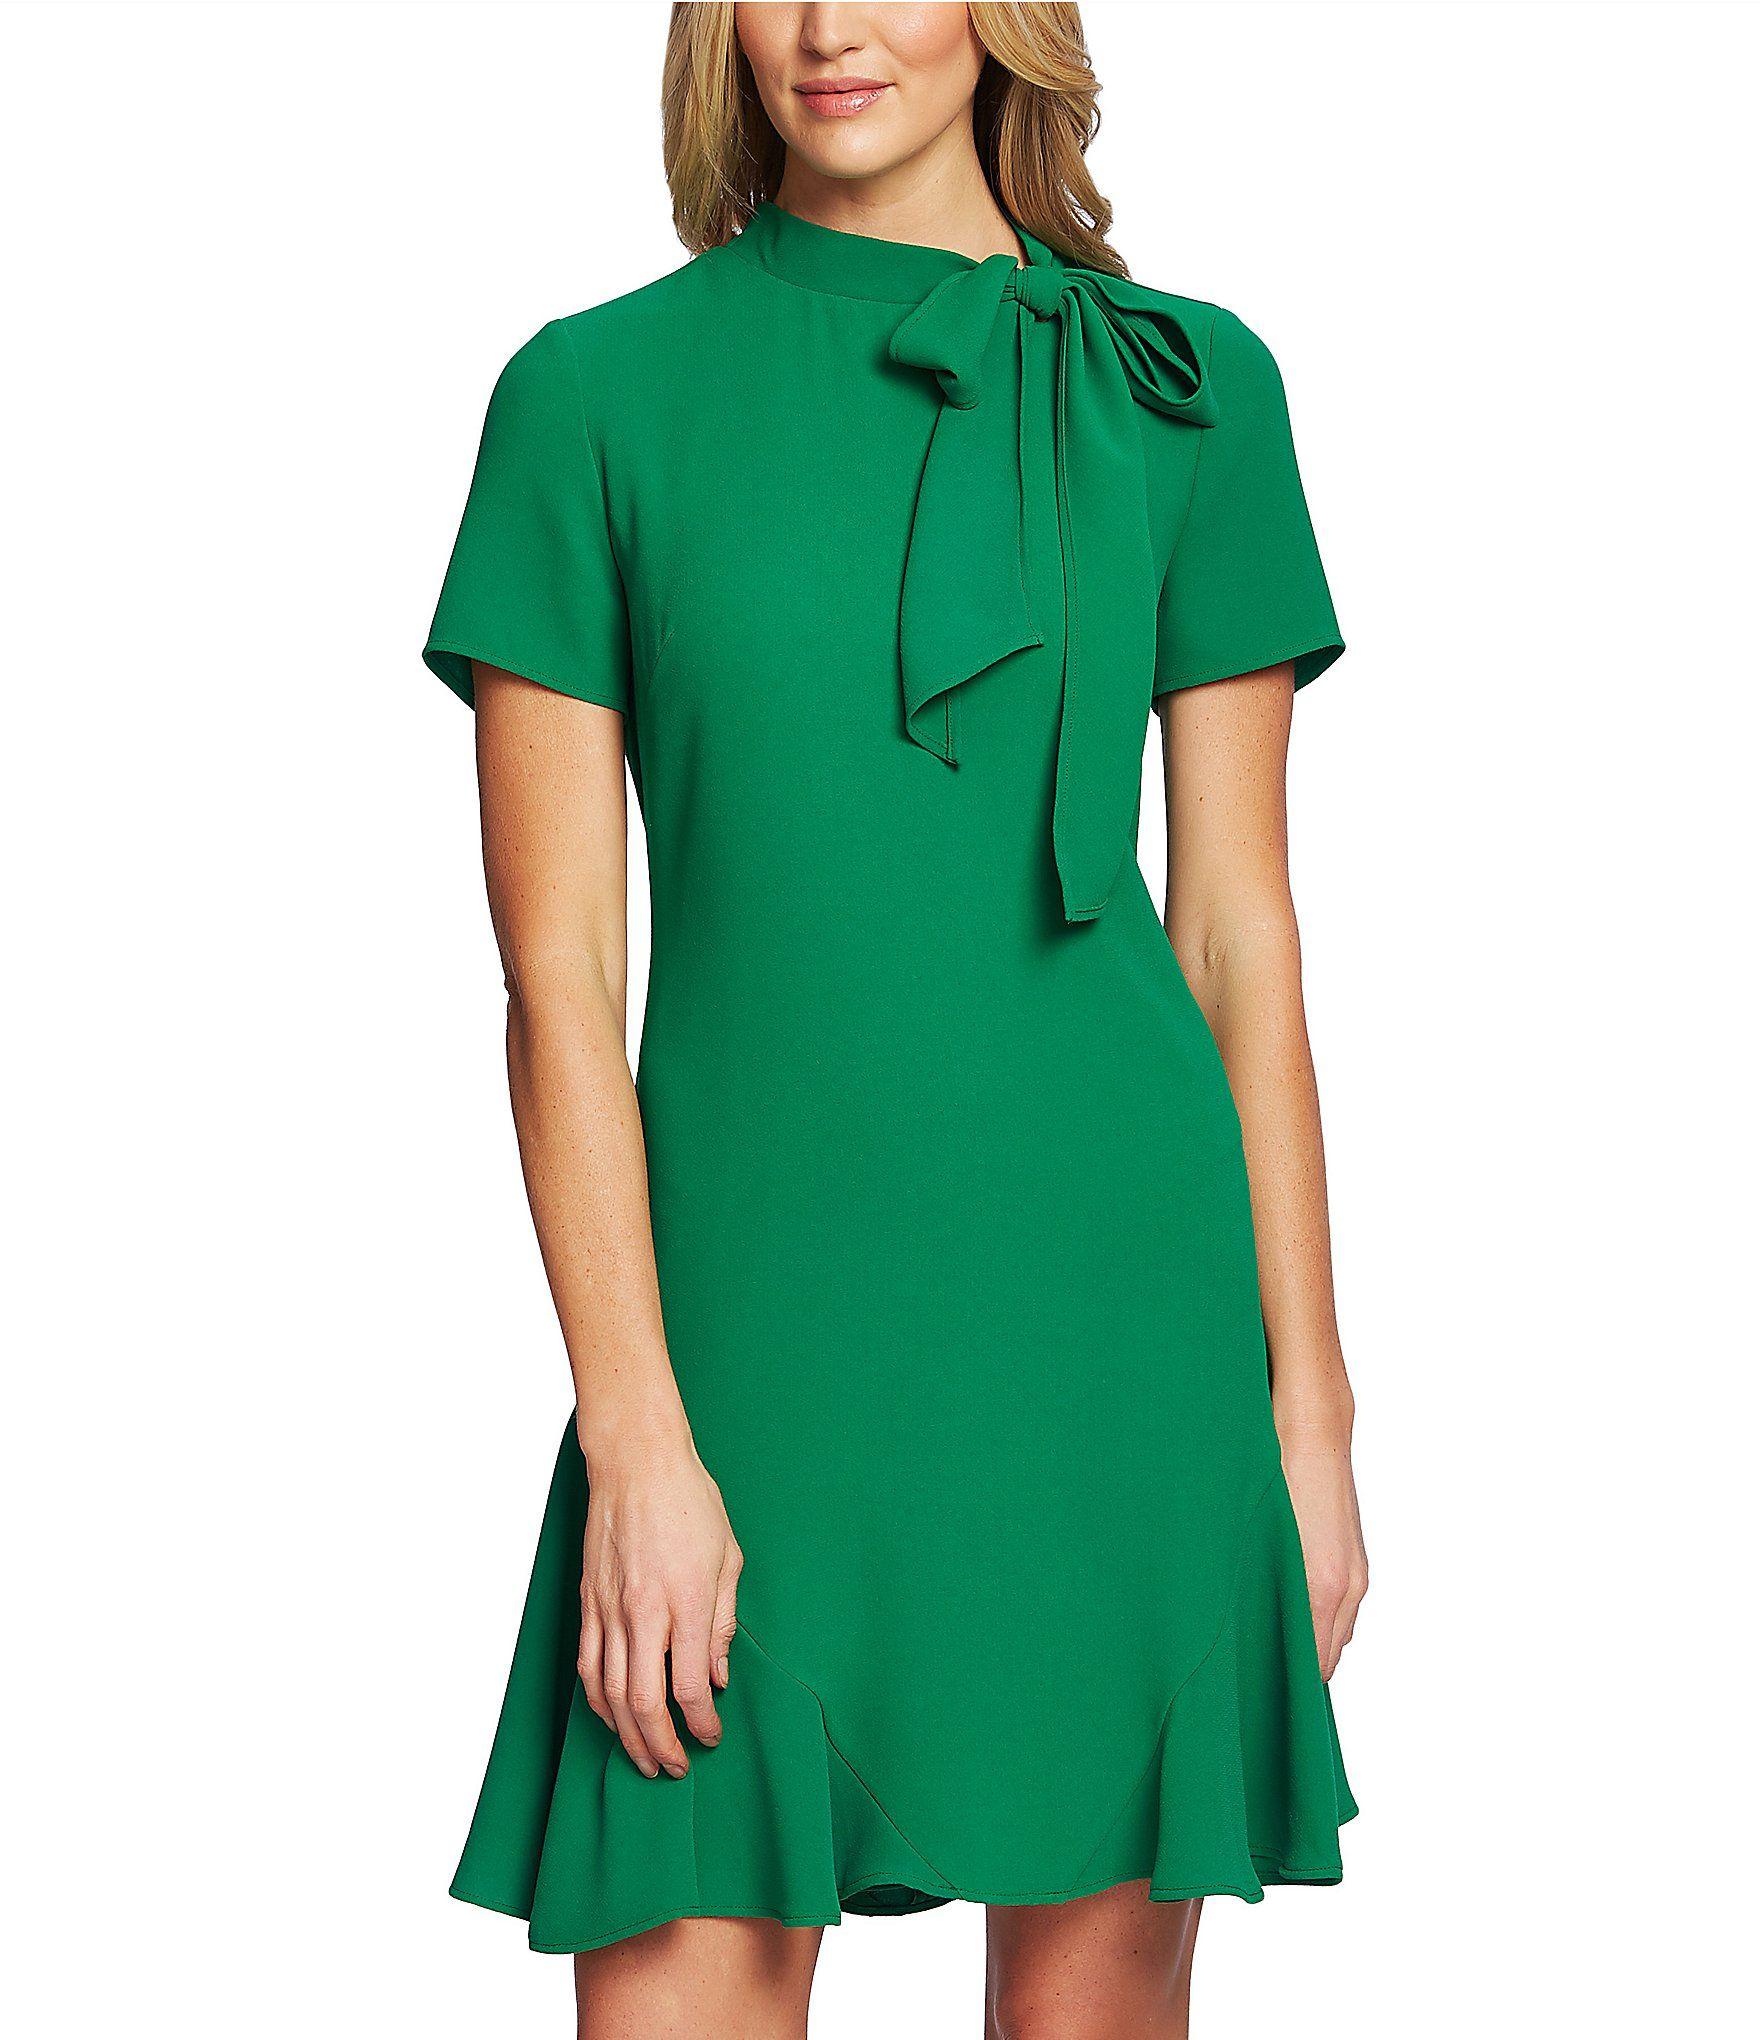 40+ Short sleeve a line dress ideas